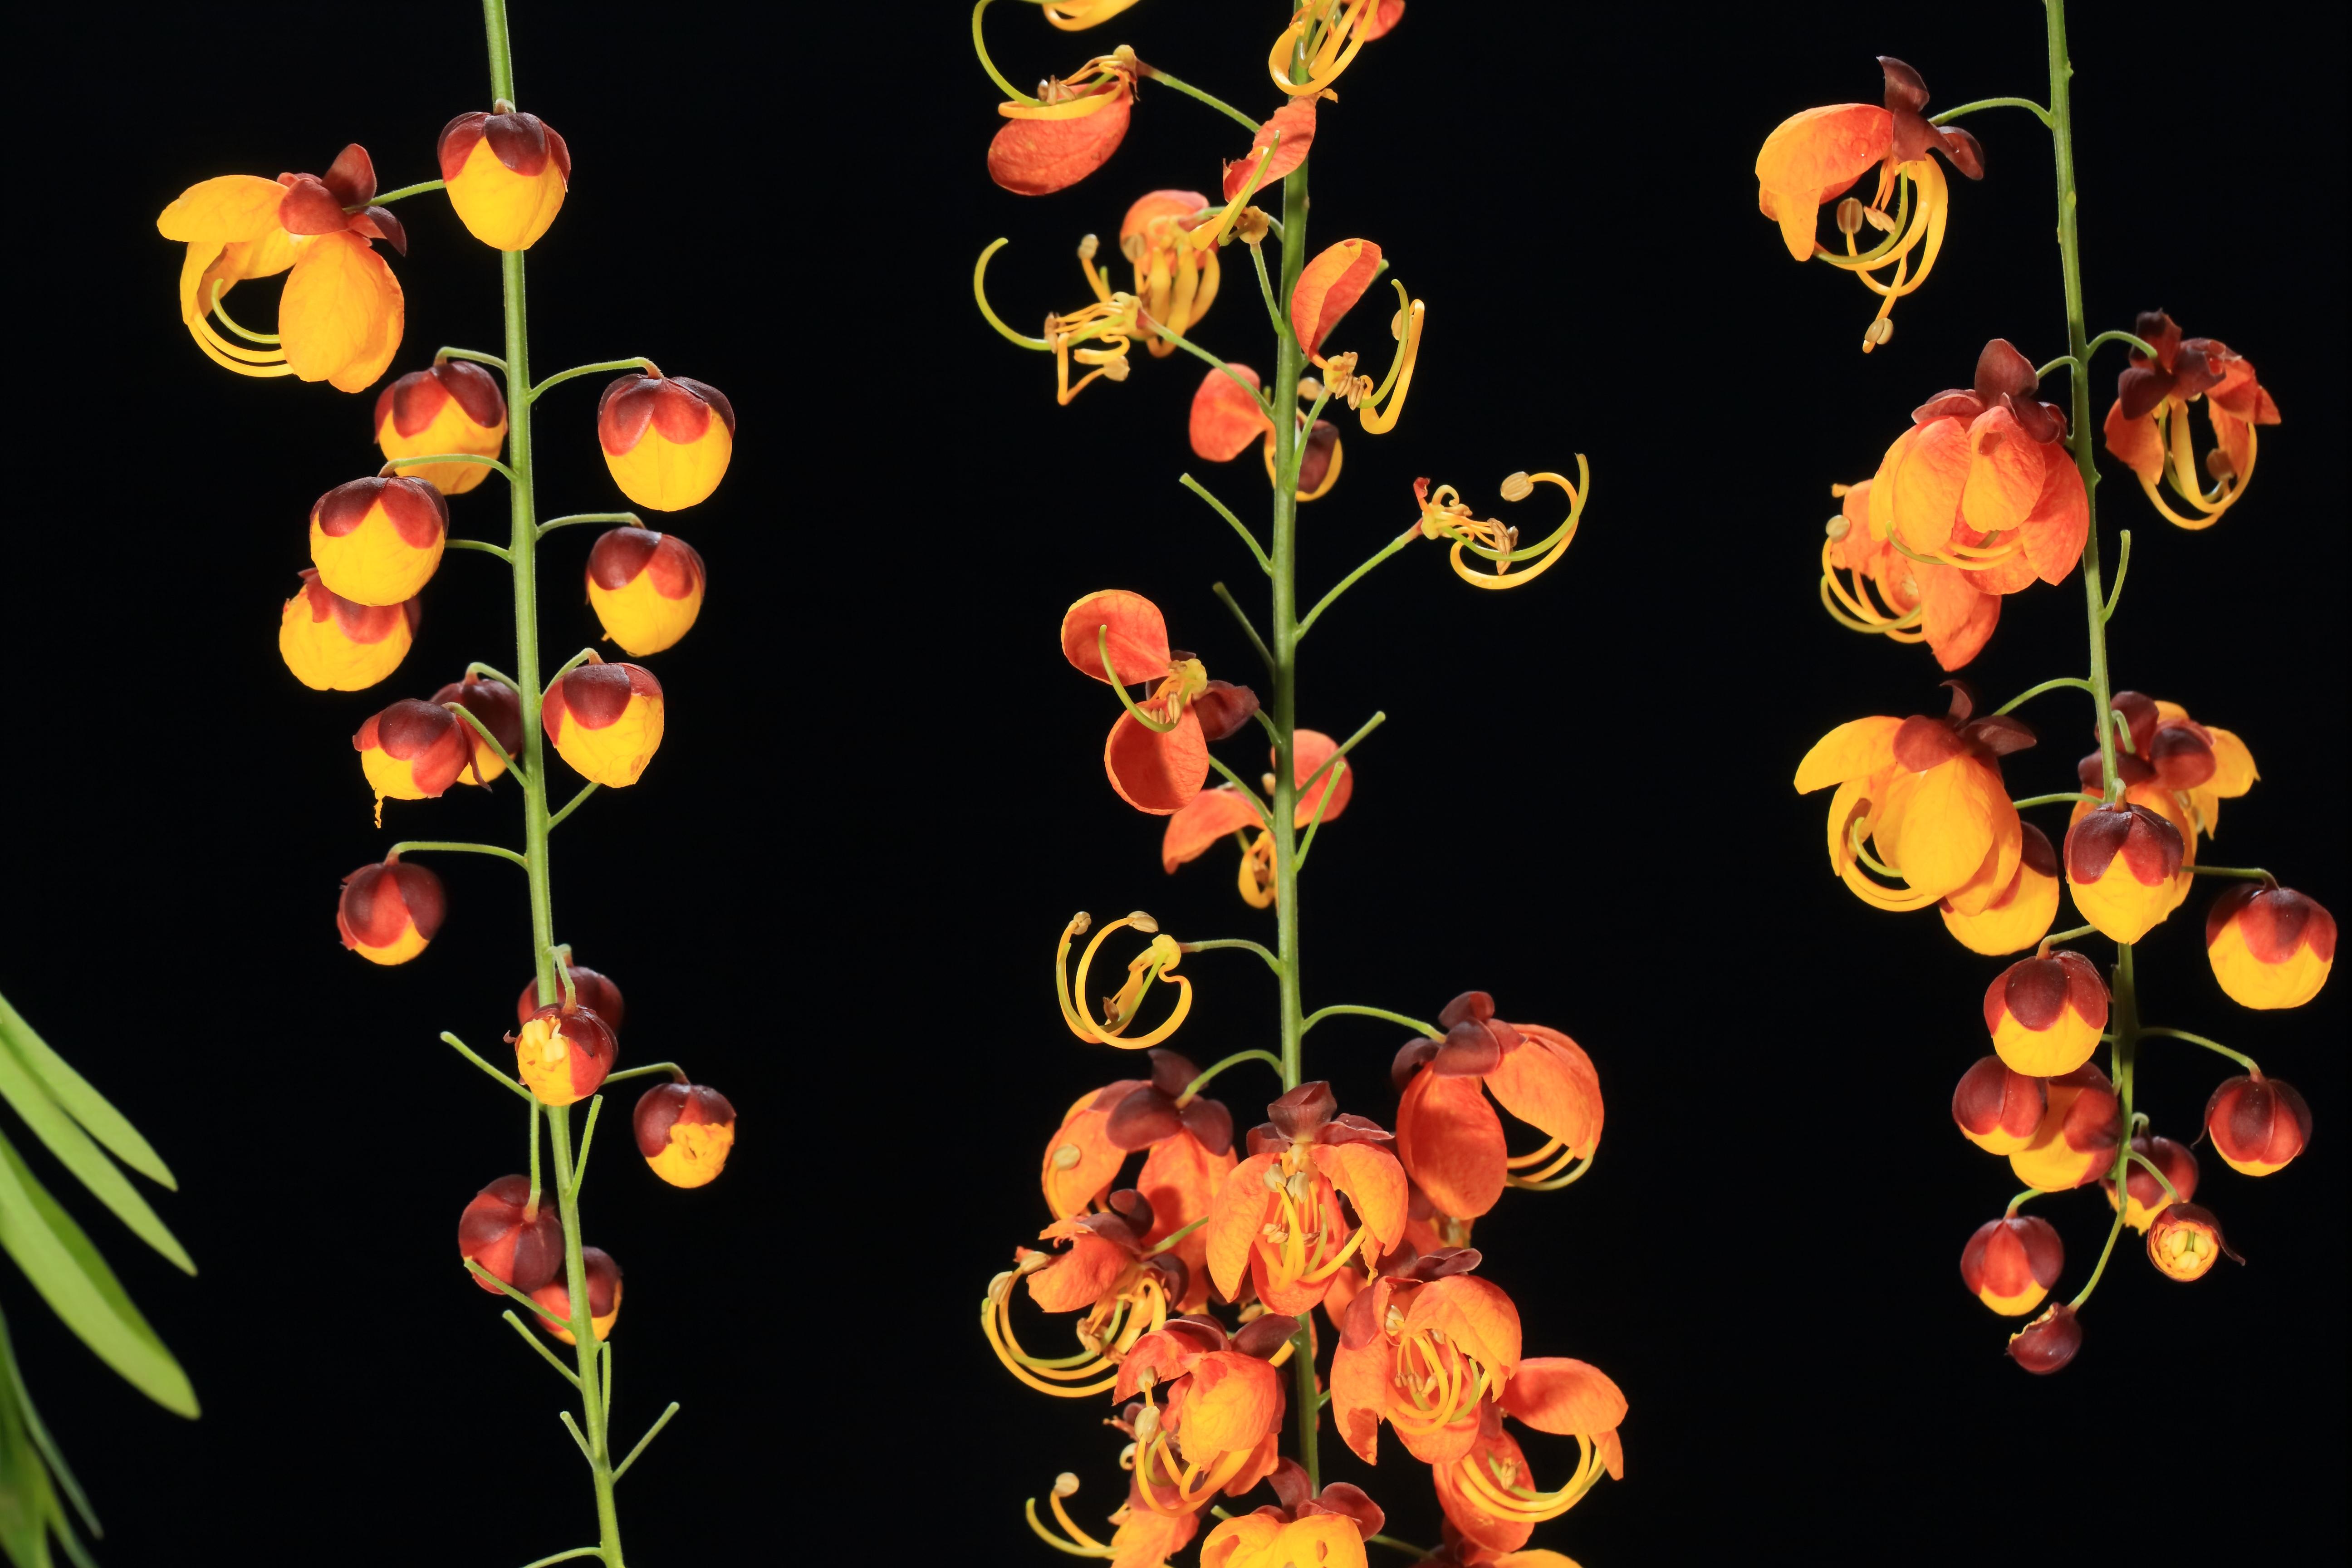 Çiçek Fotoğrafçılığı